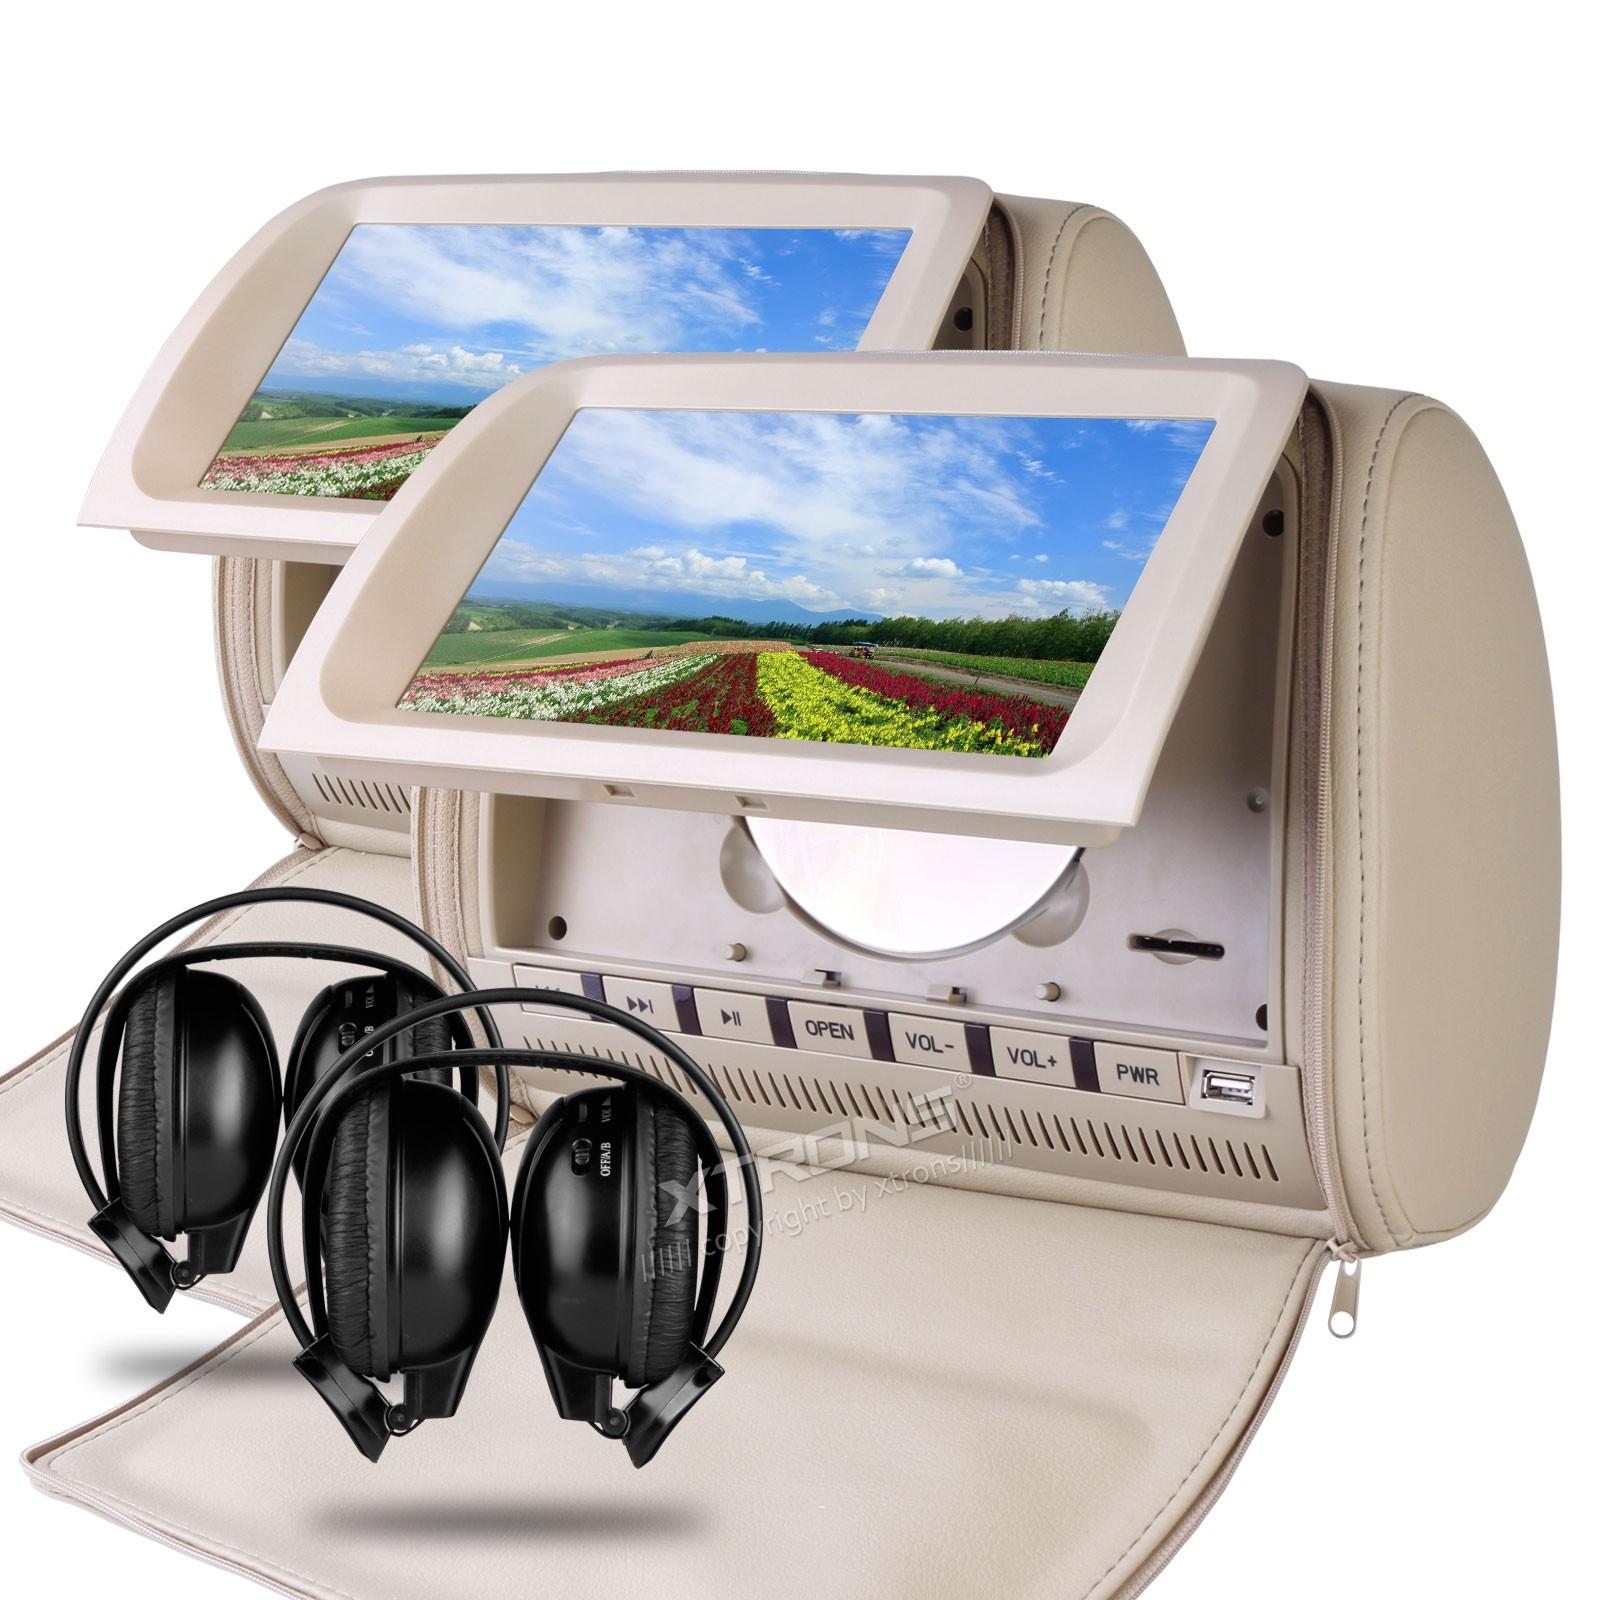 0 Xtrons HD905VDG 2x beige nakkestøtte DVD spillere 9